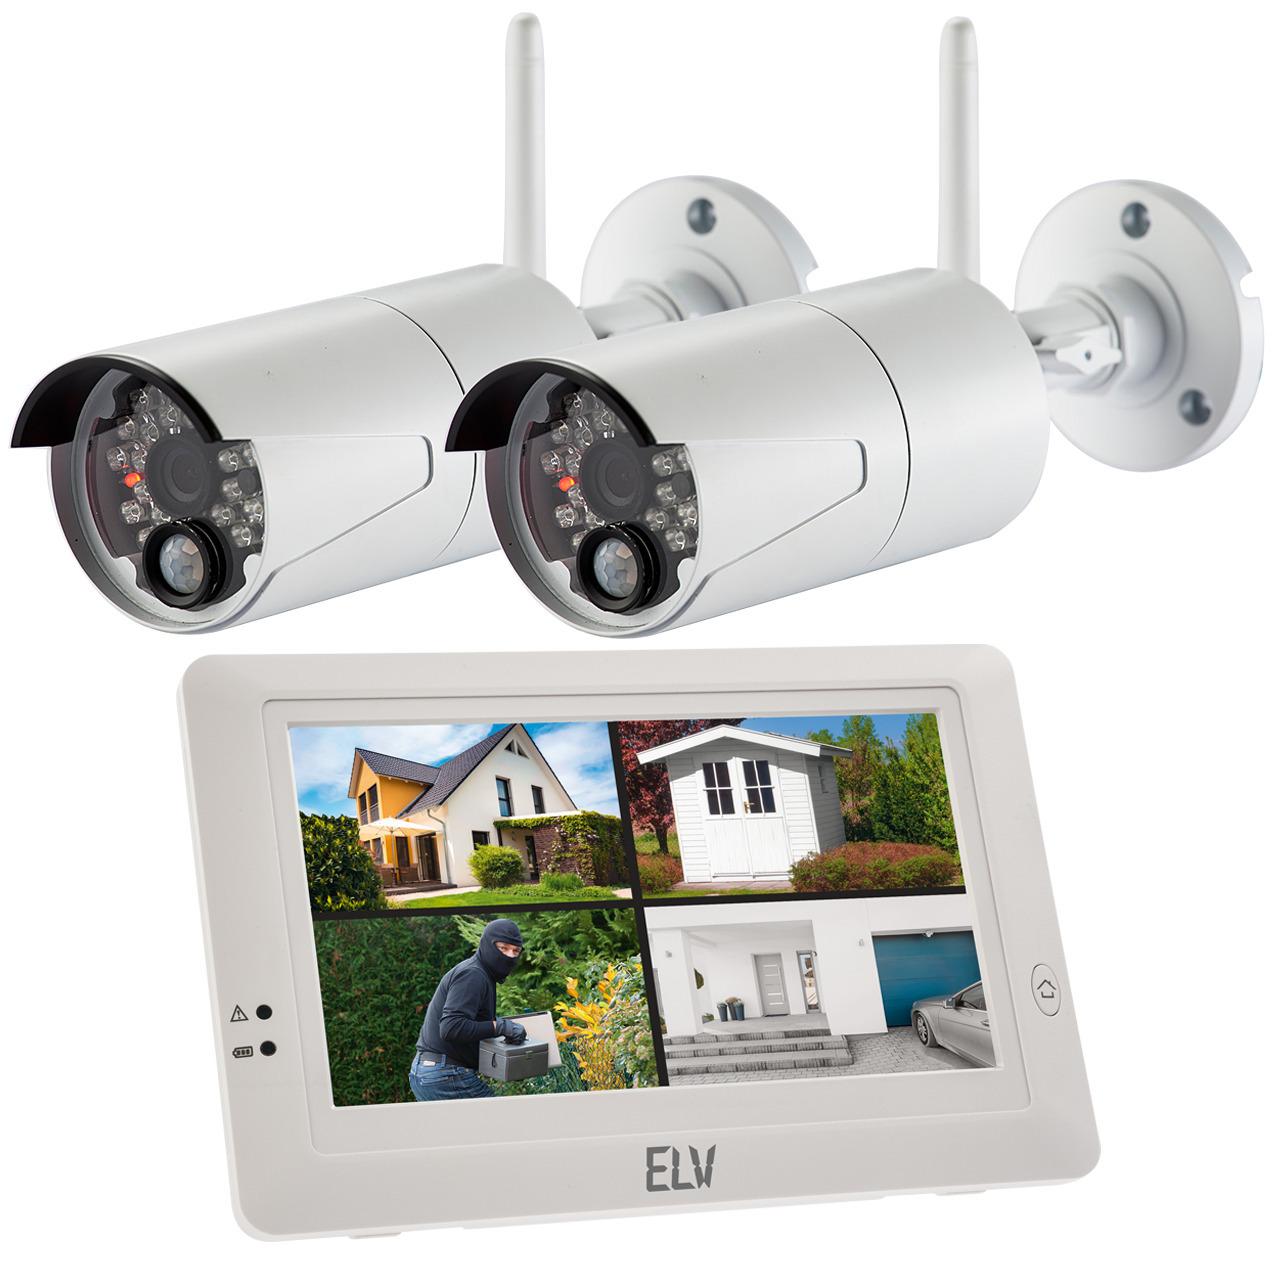 ELV Funk-Kamerasystem KS200 HD mit 2 Kameras- 720p- mit App-Zugriff (iOS und Android)